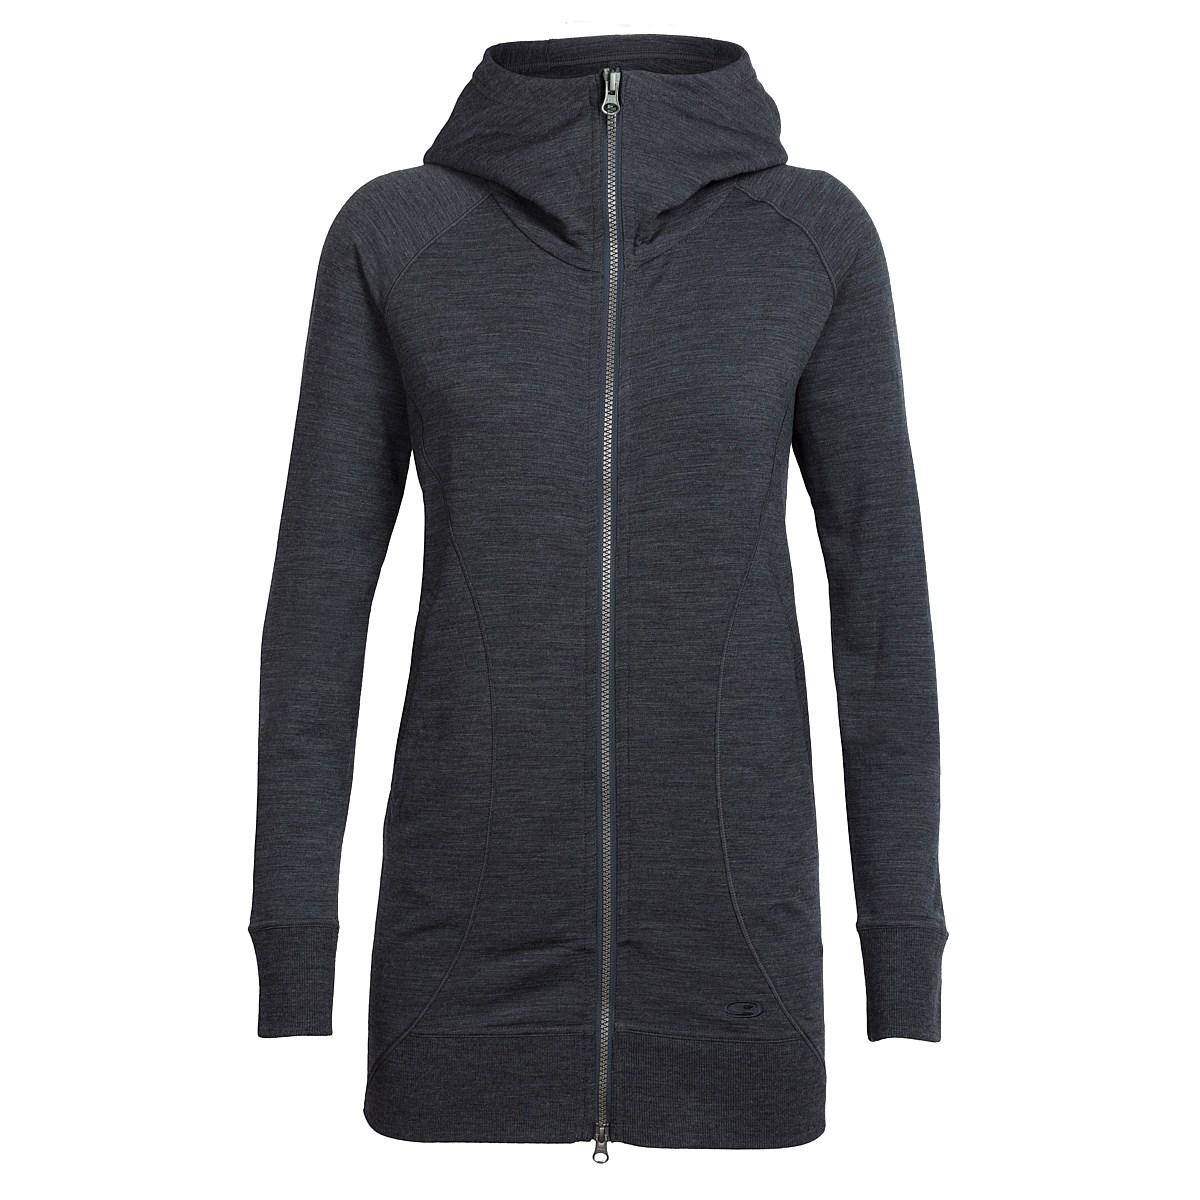 79d316e5667 Icebreaker Women's Dia RealFLEECE ™ Long Hooded Jacket